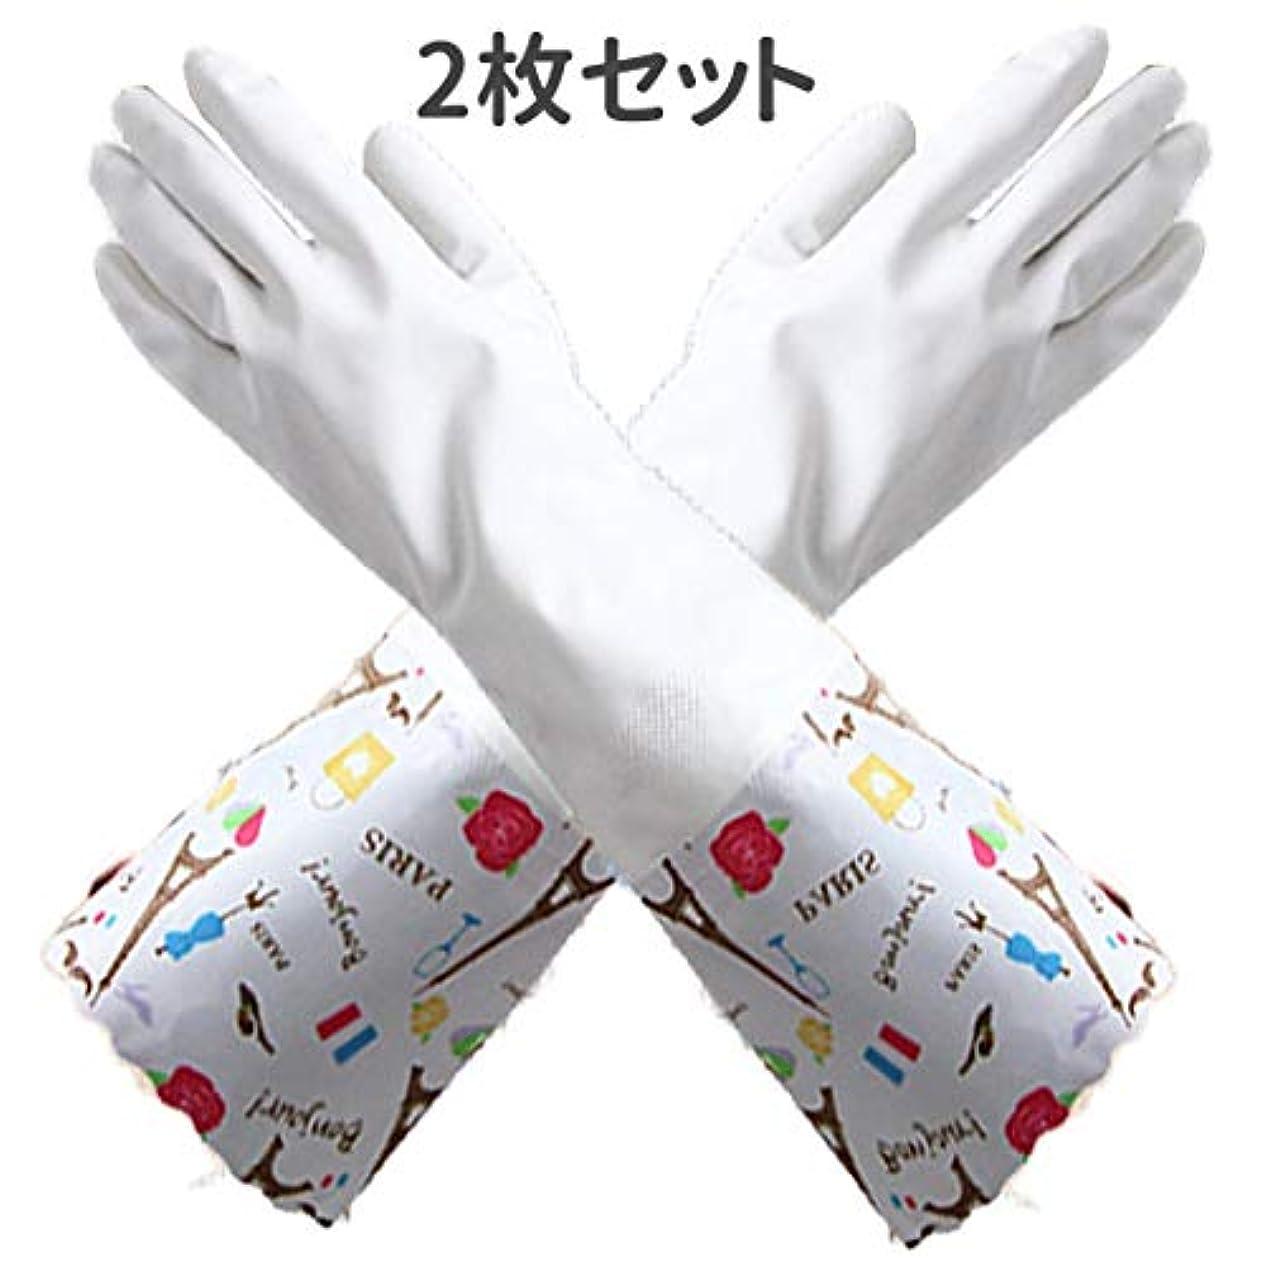 動脈代数的それるゴム手袋 左右2枚セット 洗い物 お風呂 車 掃除 介護 ペット のお世話 排水溝 や 作業 用 可愛い手袋 【LSU】 (ホワイト)